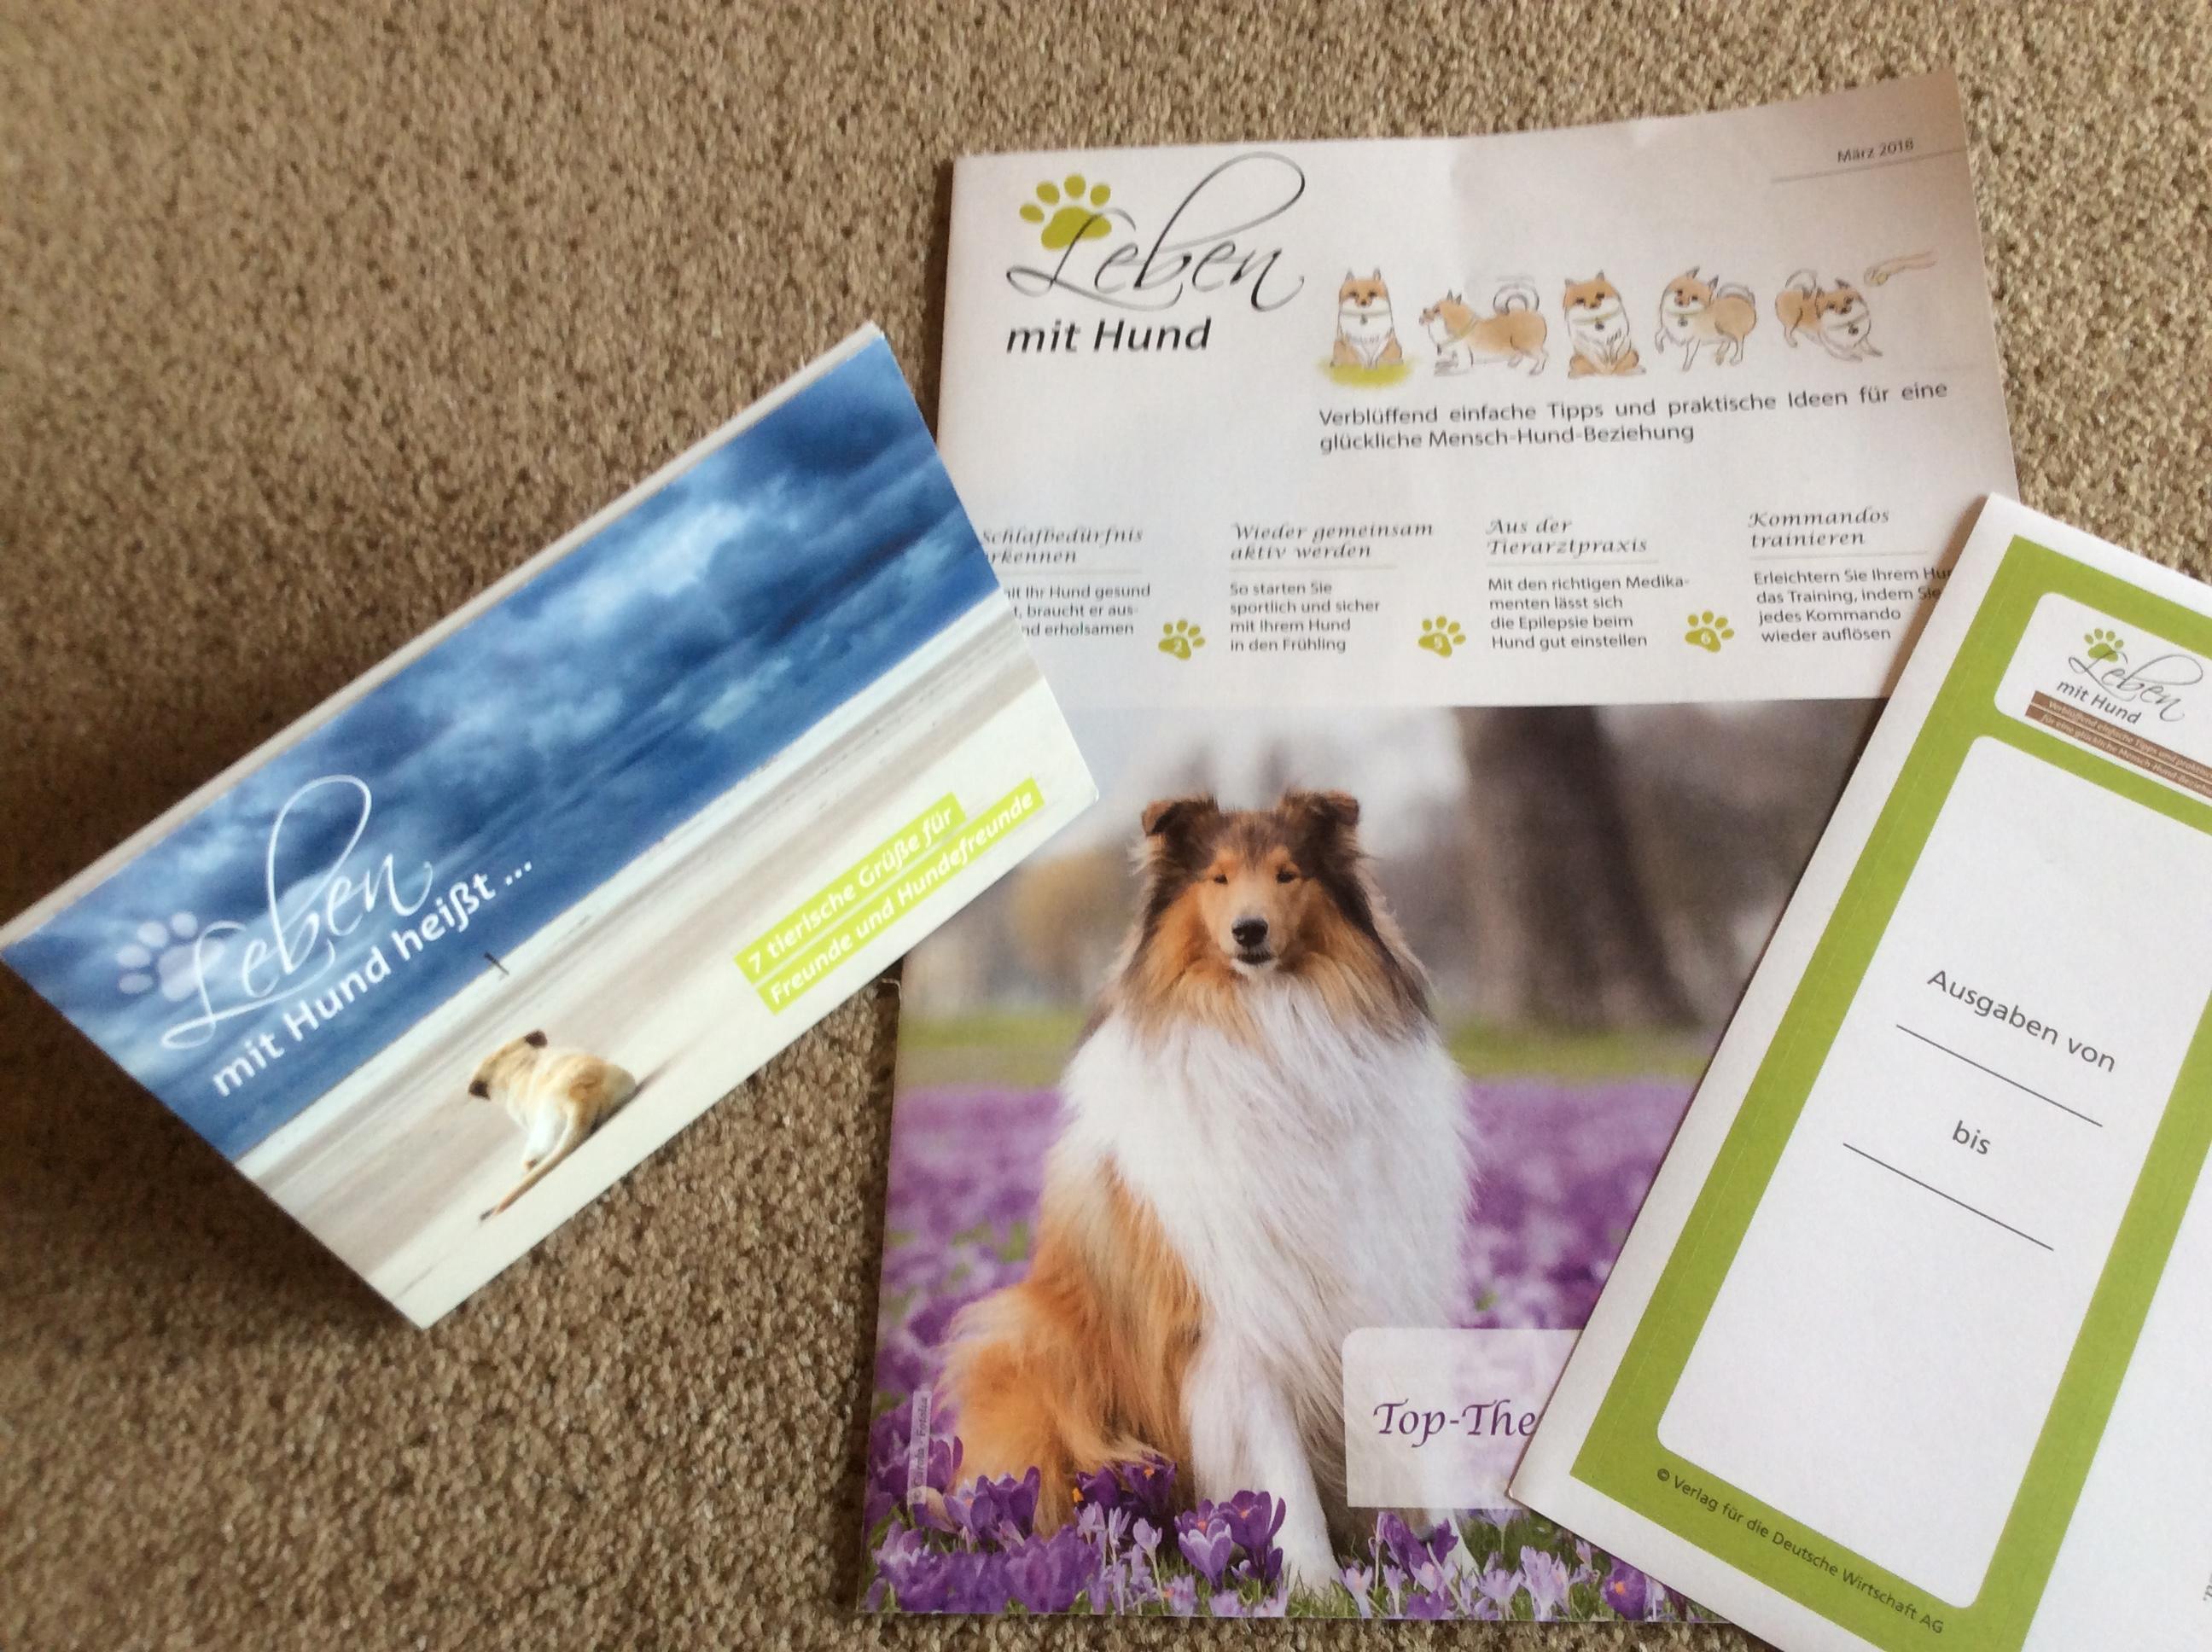 Leben mit Hund (eine Geschenkausgabe vom VNR-Verlag)